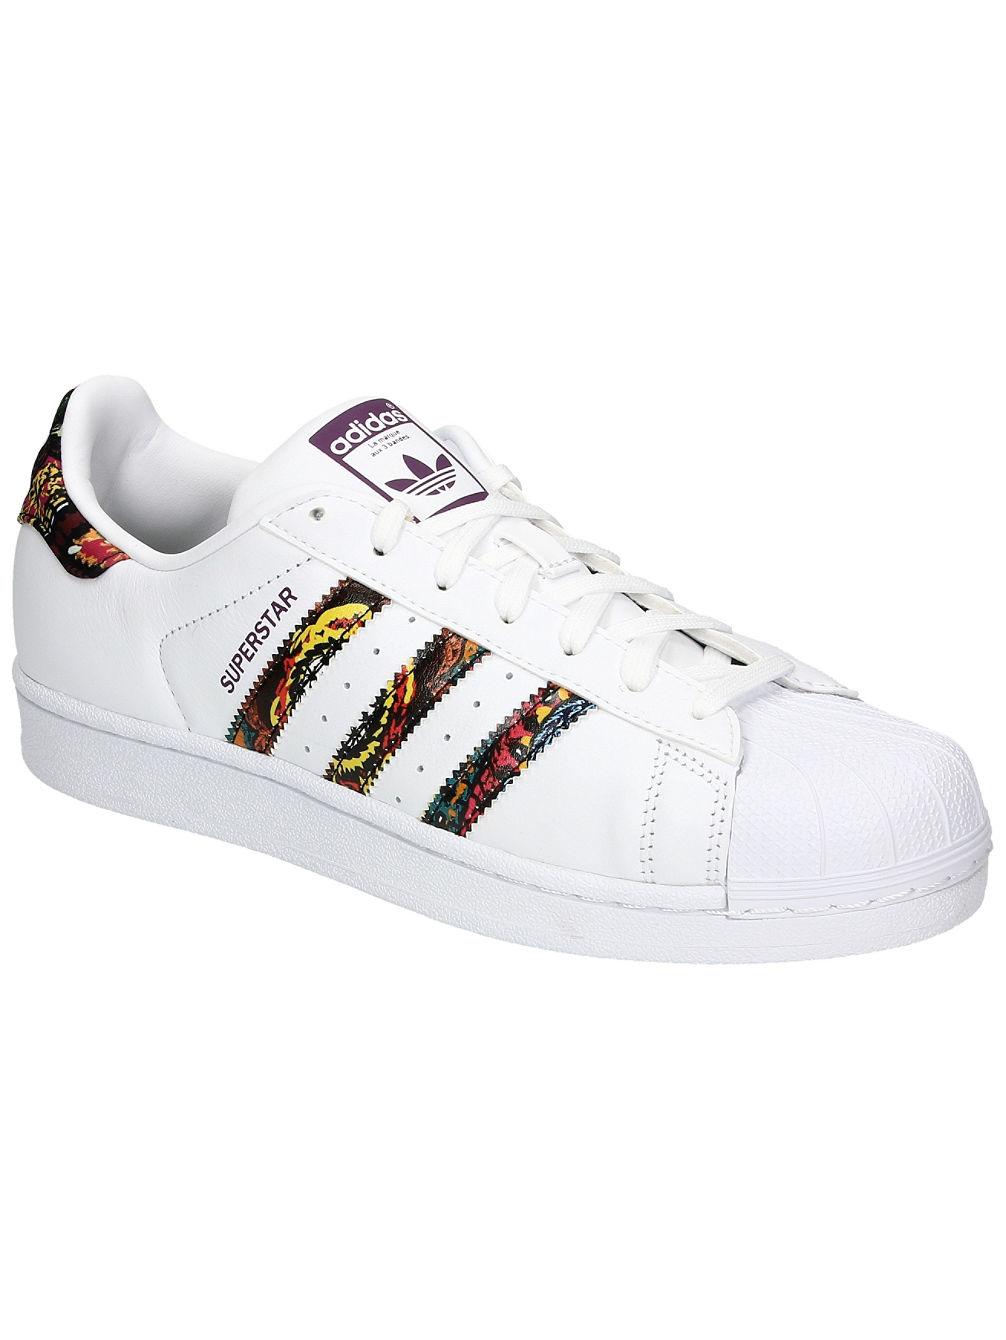 adidas-originals-superstar-sneakers-women